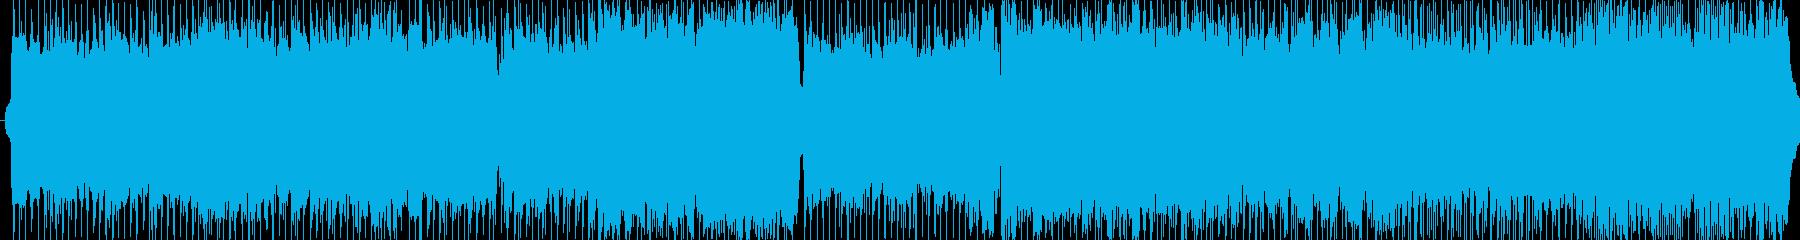 洞窟に潜む悪人をイメージした曲です。の再生済みの波形